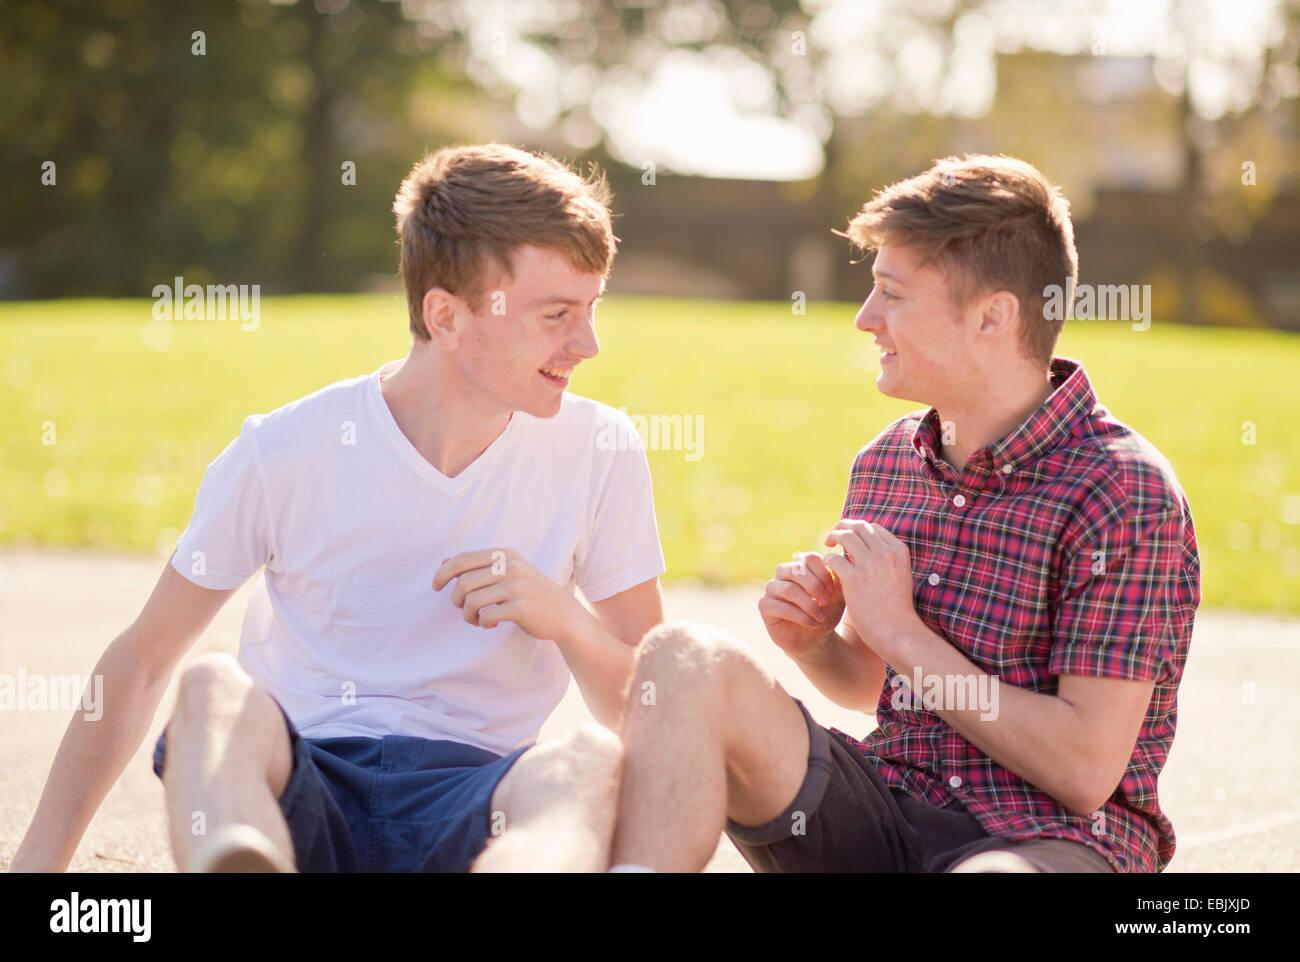 Deux jeunes hommes friends chatting in park Photo Stock